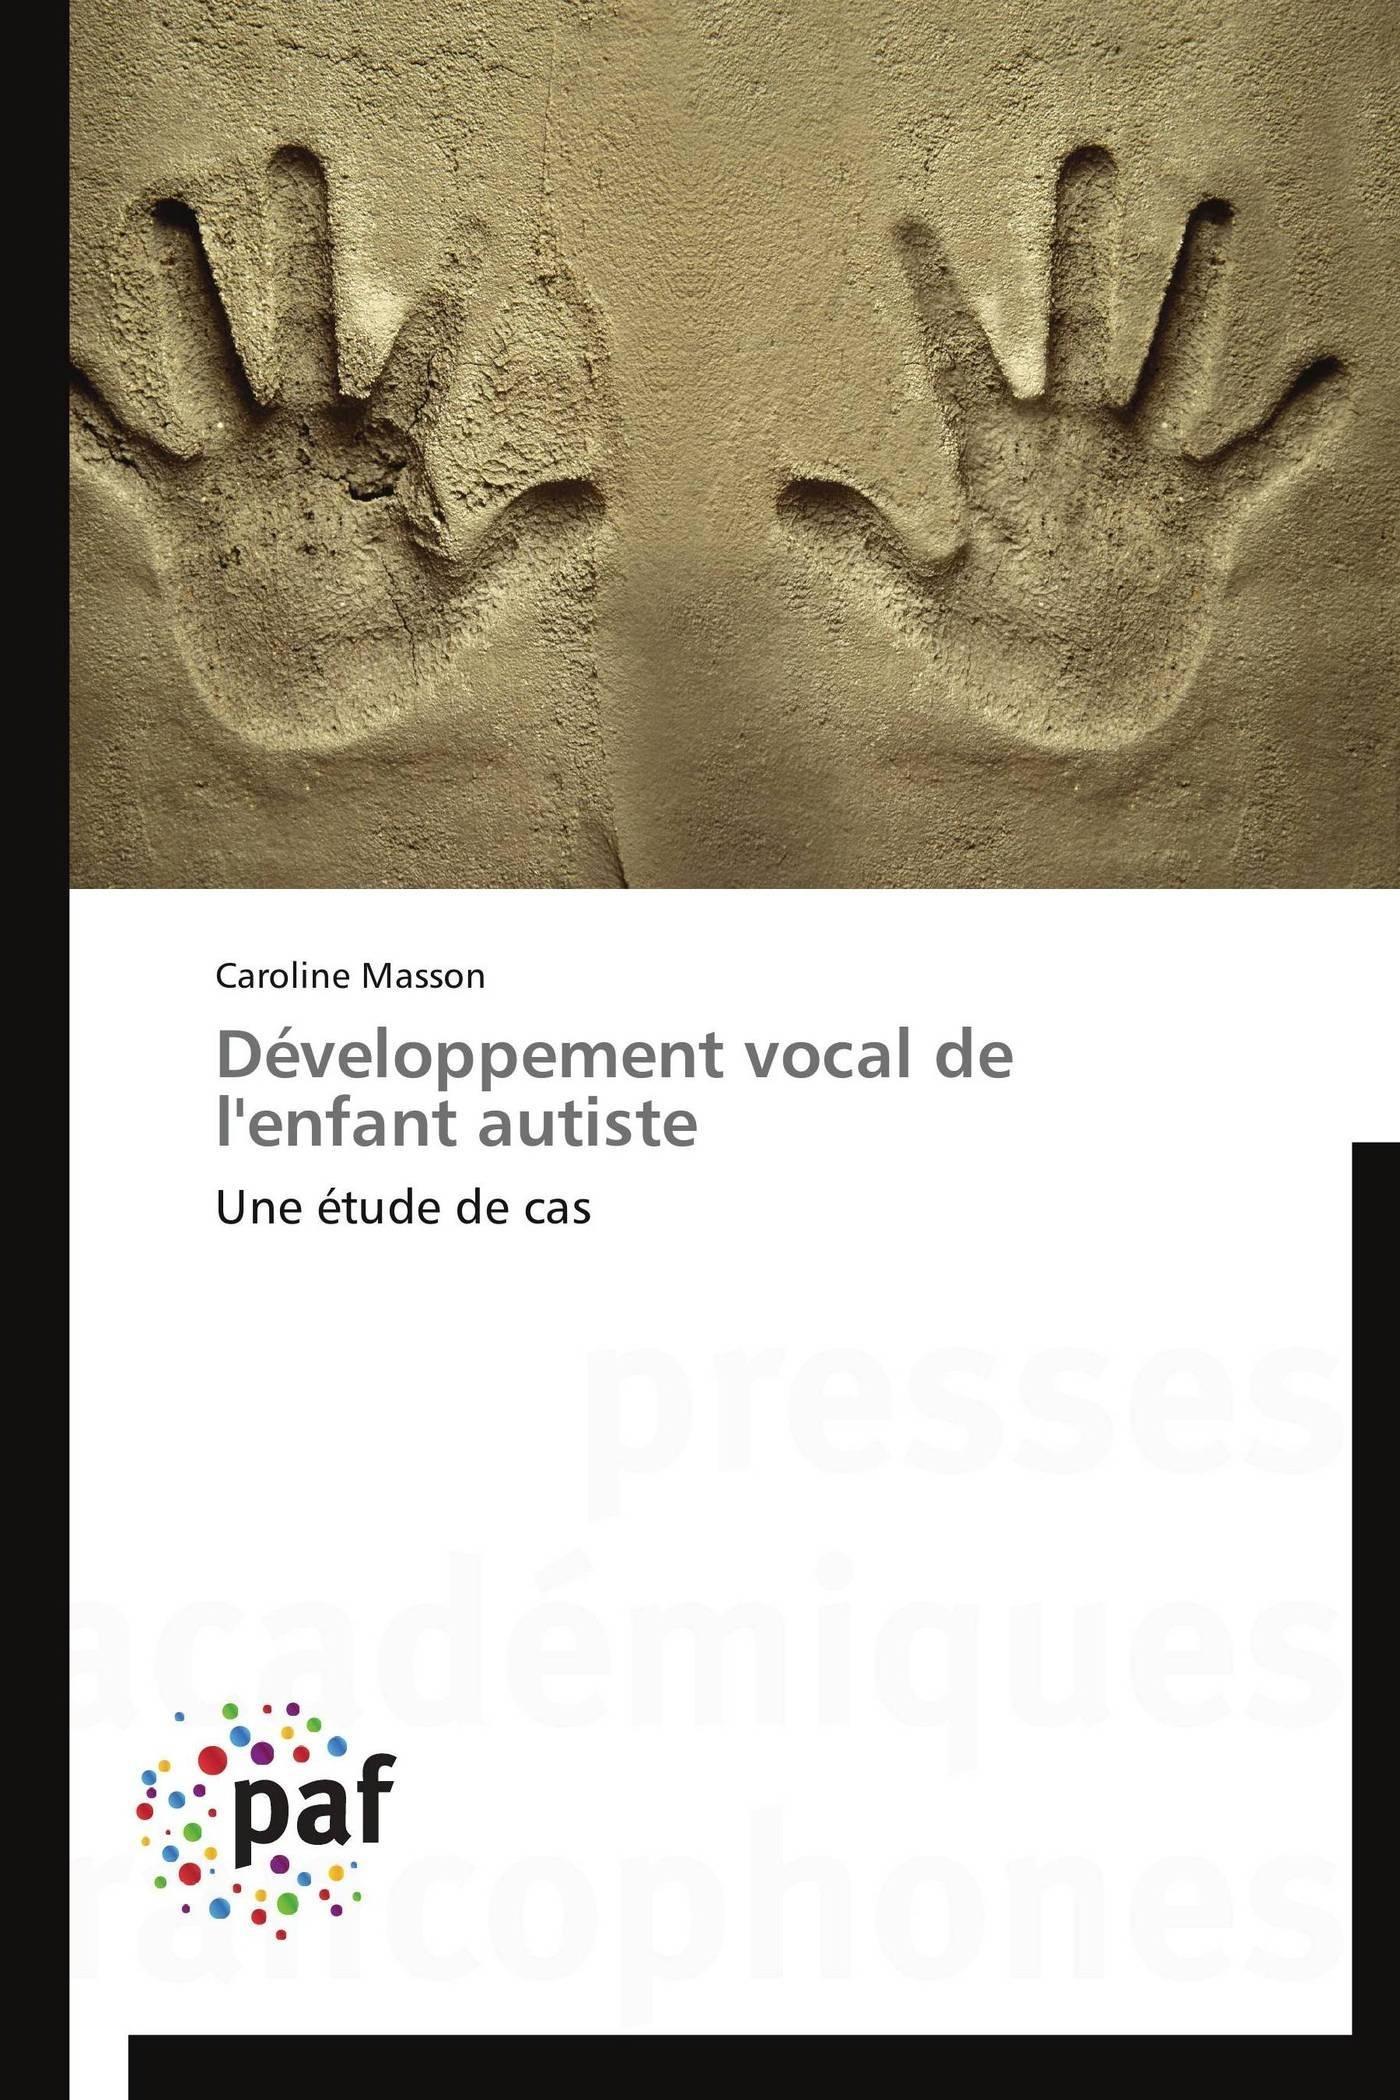 DEVELOPPEMENT VOCAL DE L'ENFANT AUTISTE